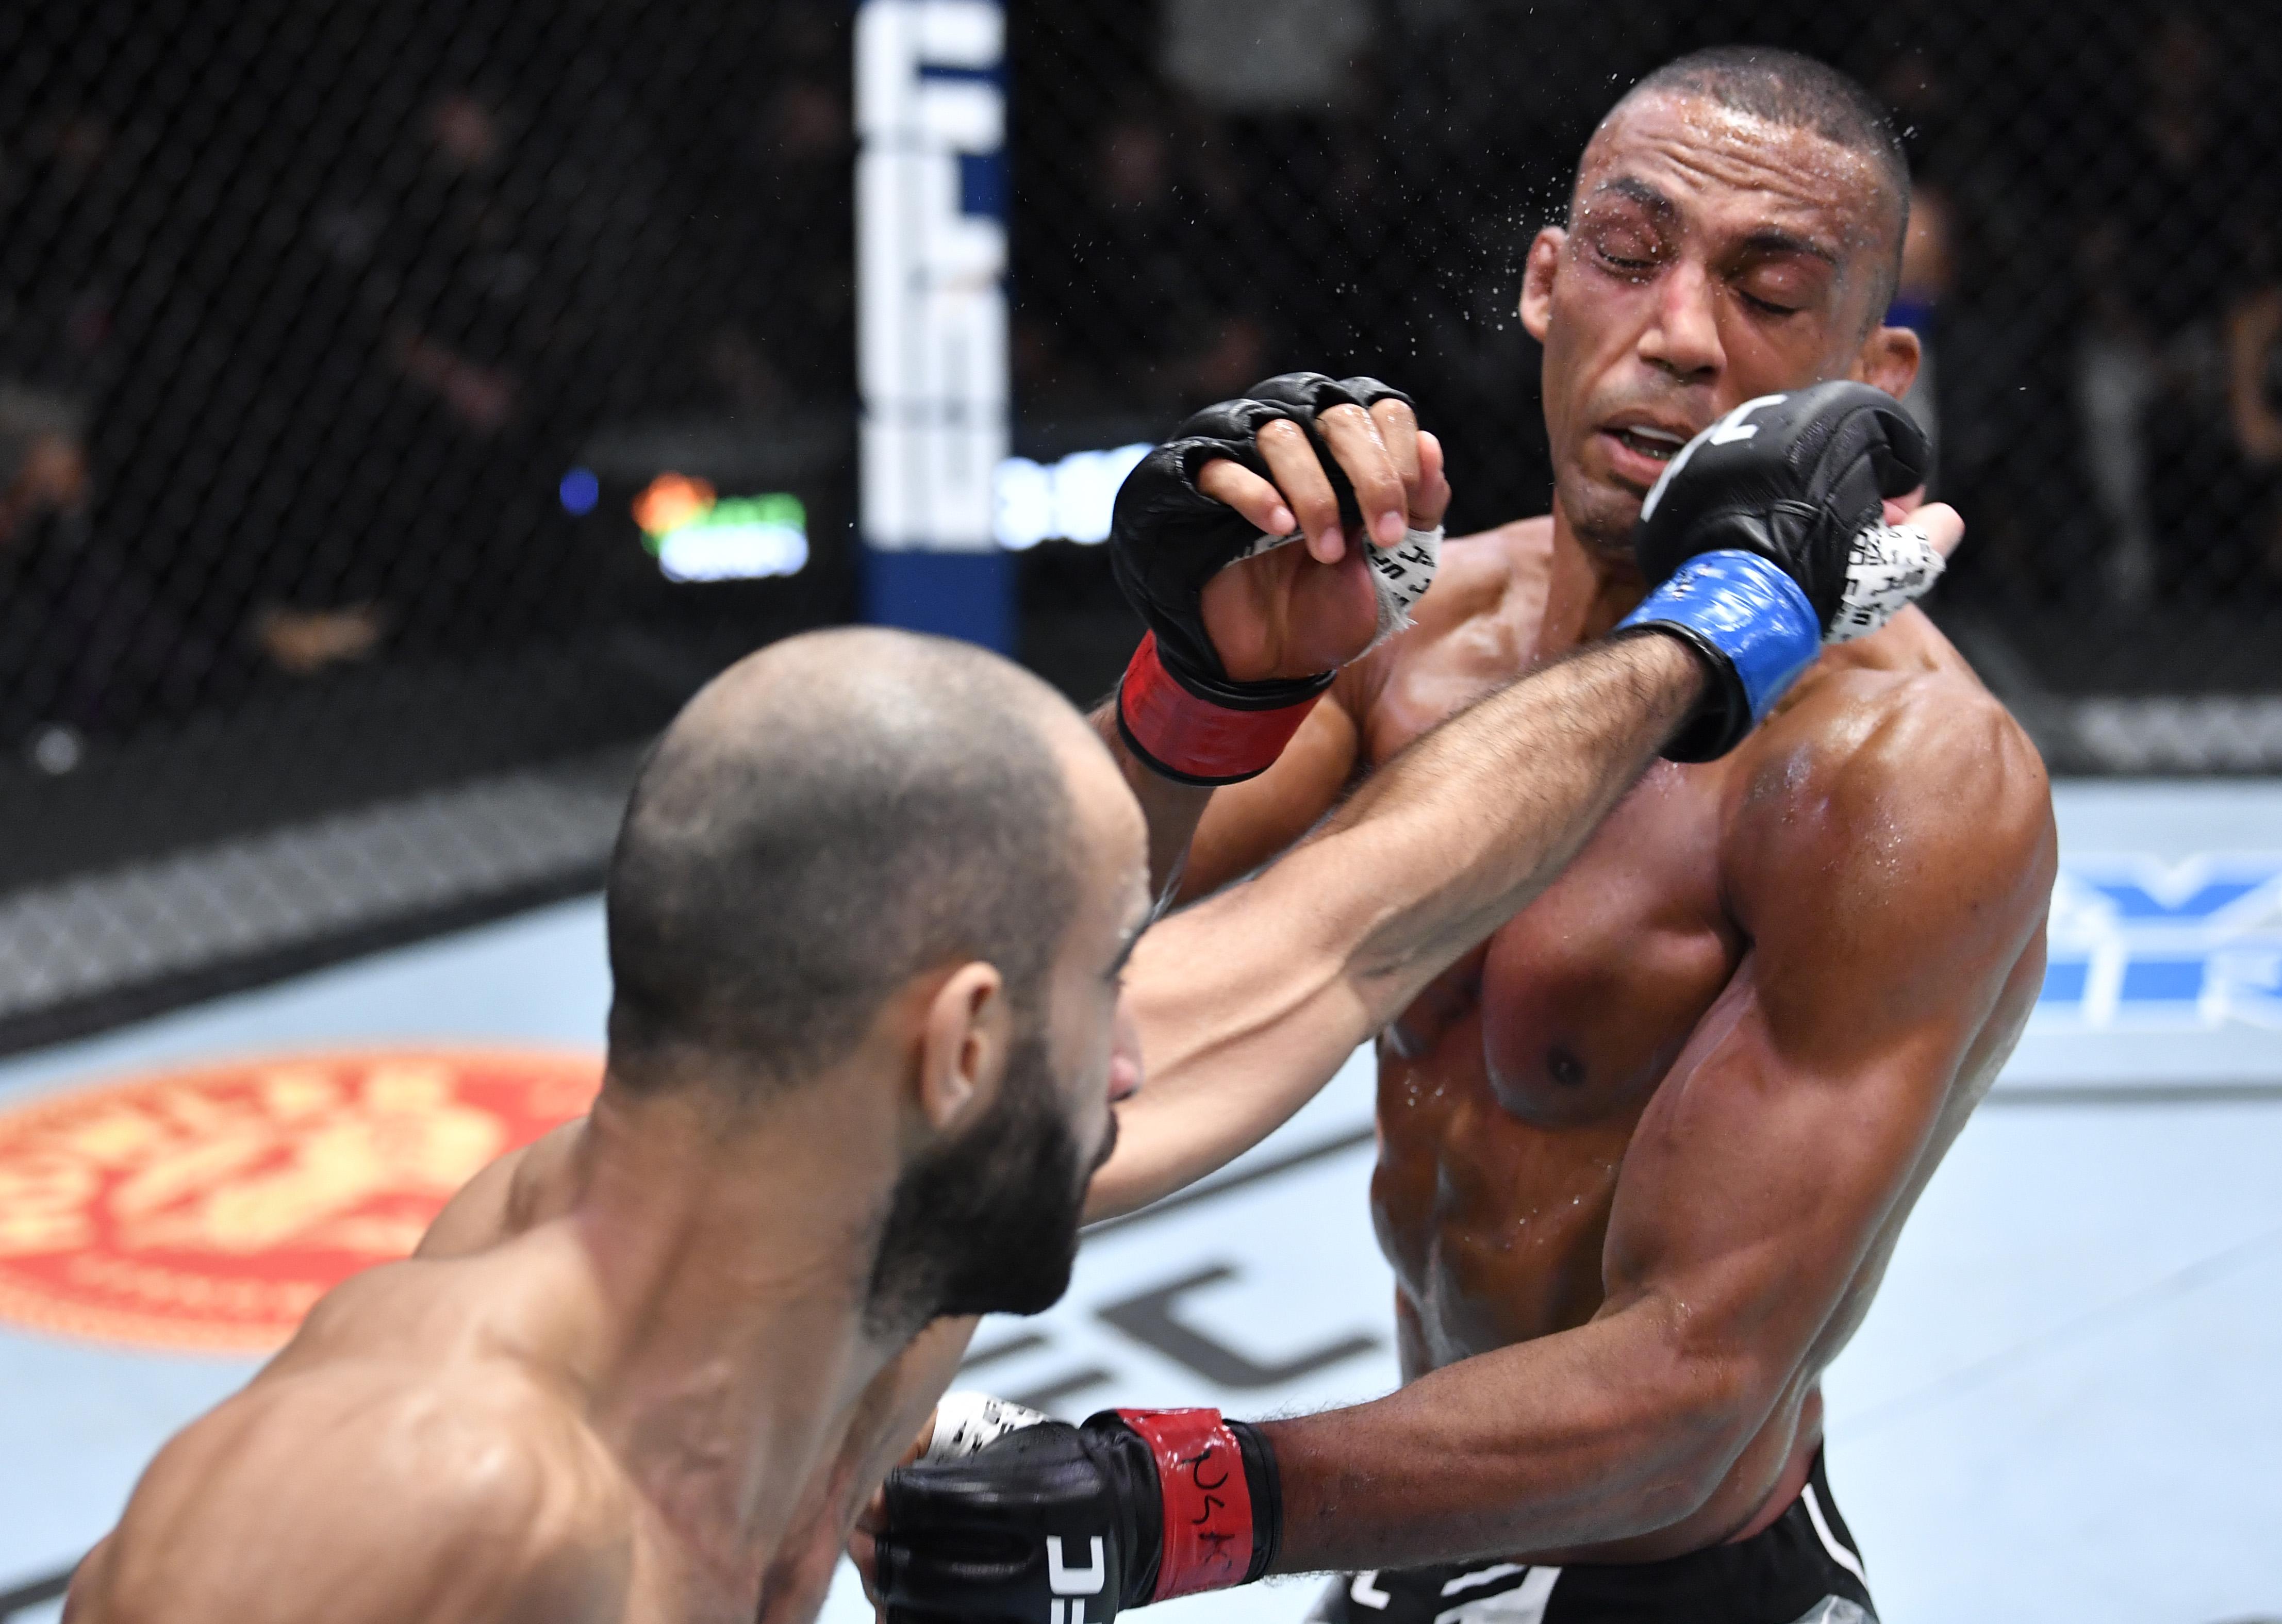 Giga Chikadze TKO'd Edson Barboza at UFC Vegas 35.